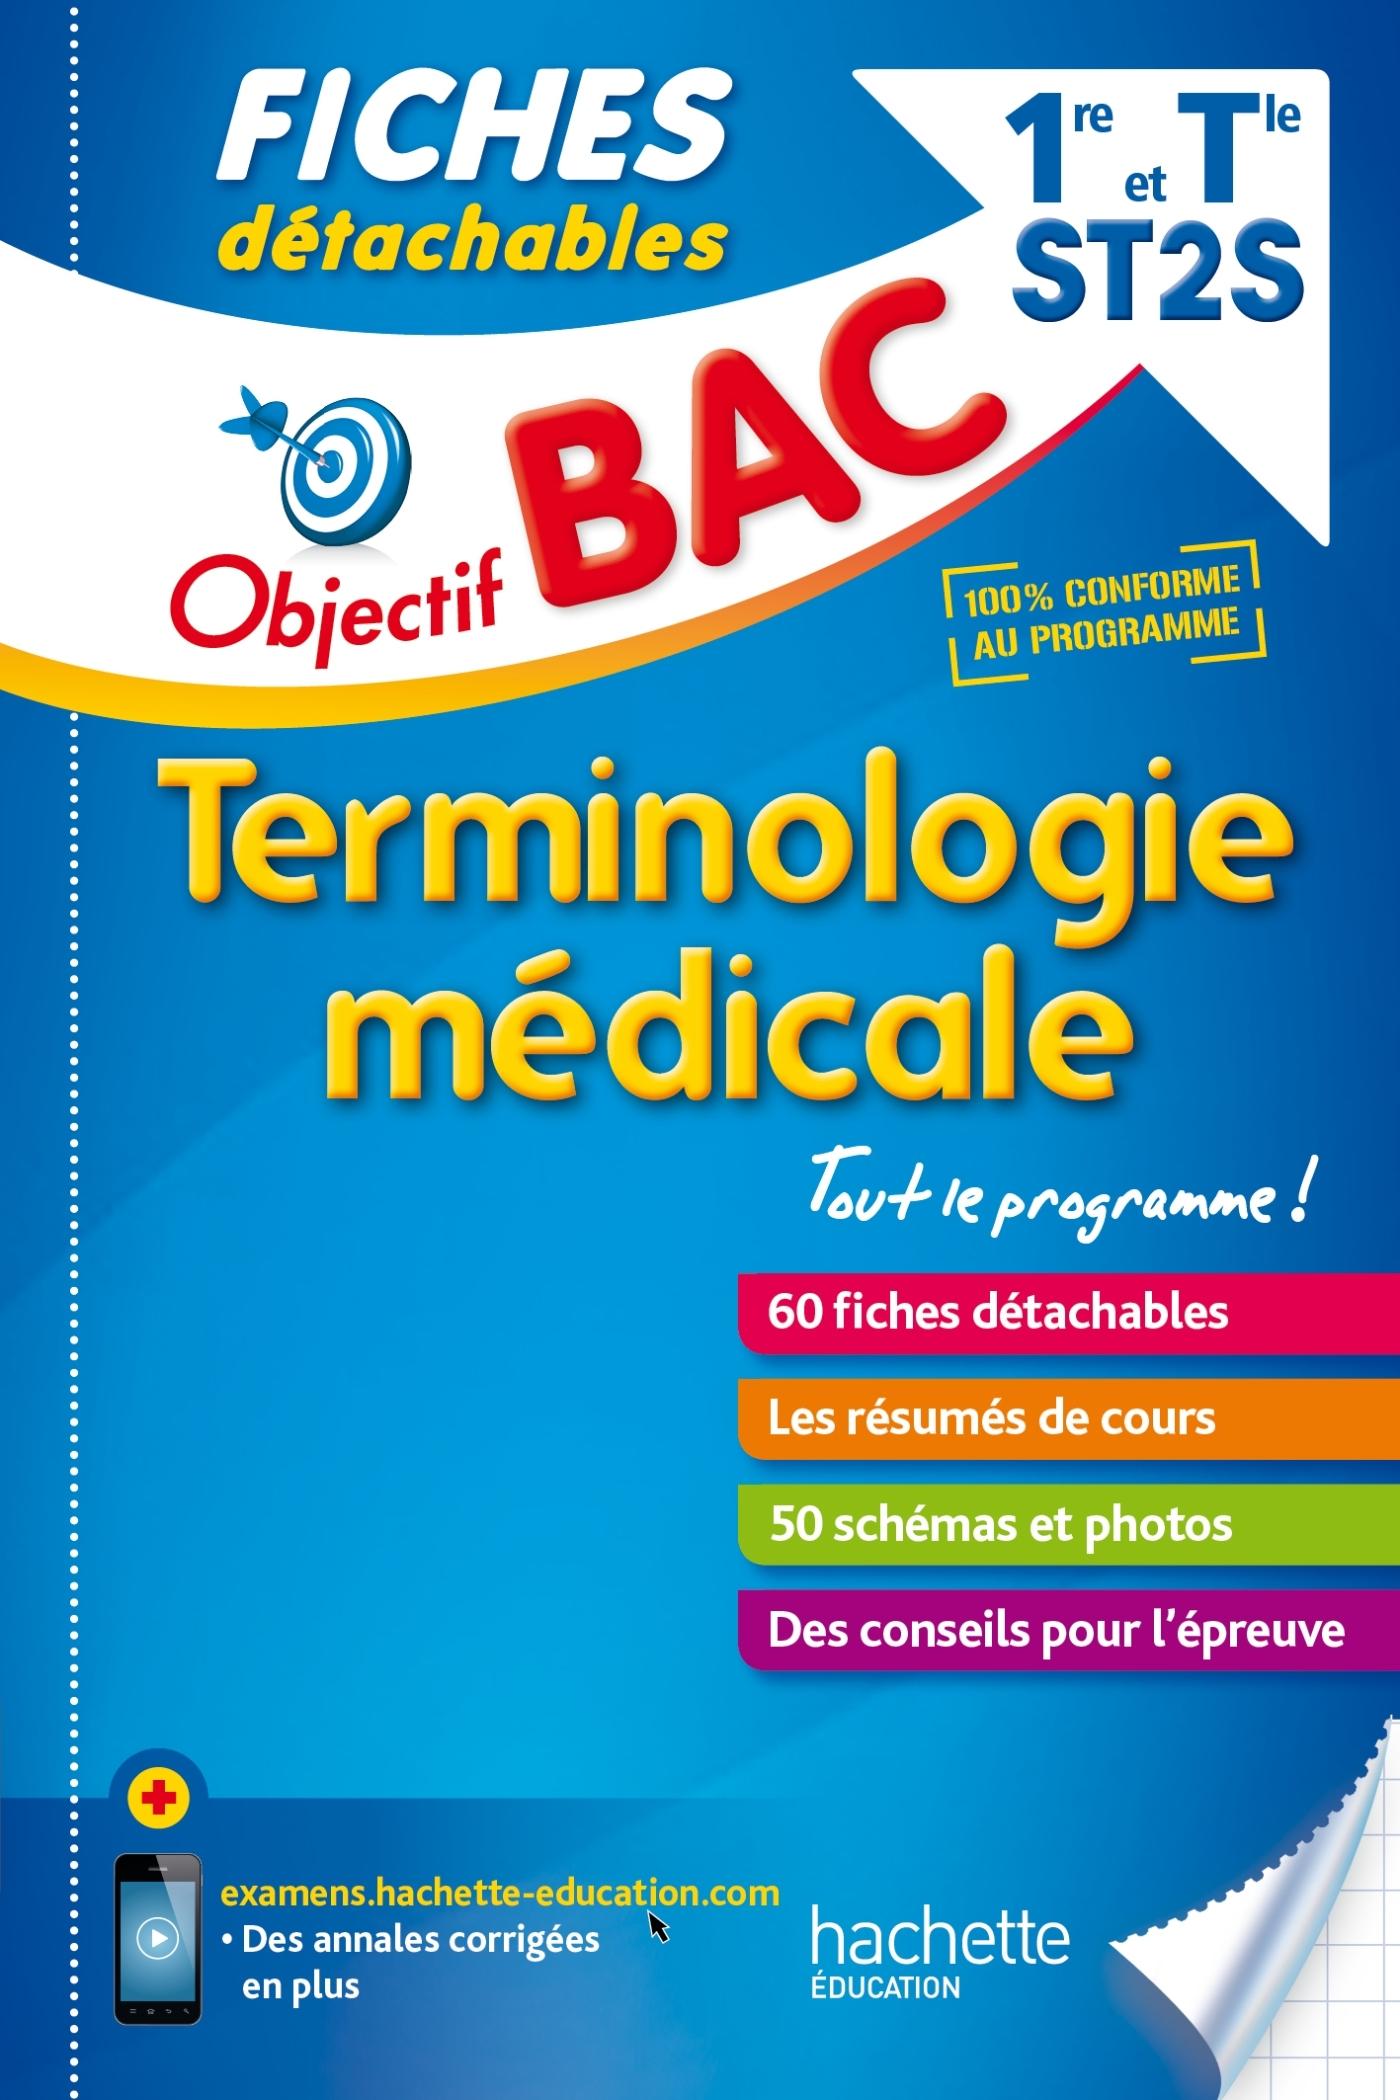 OBJECTIF BAC FICHES DETACHABLES TERMINOLOGIE MEDICALE 1ERE ET TERM ST2S